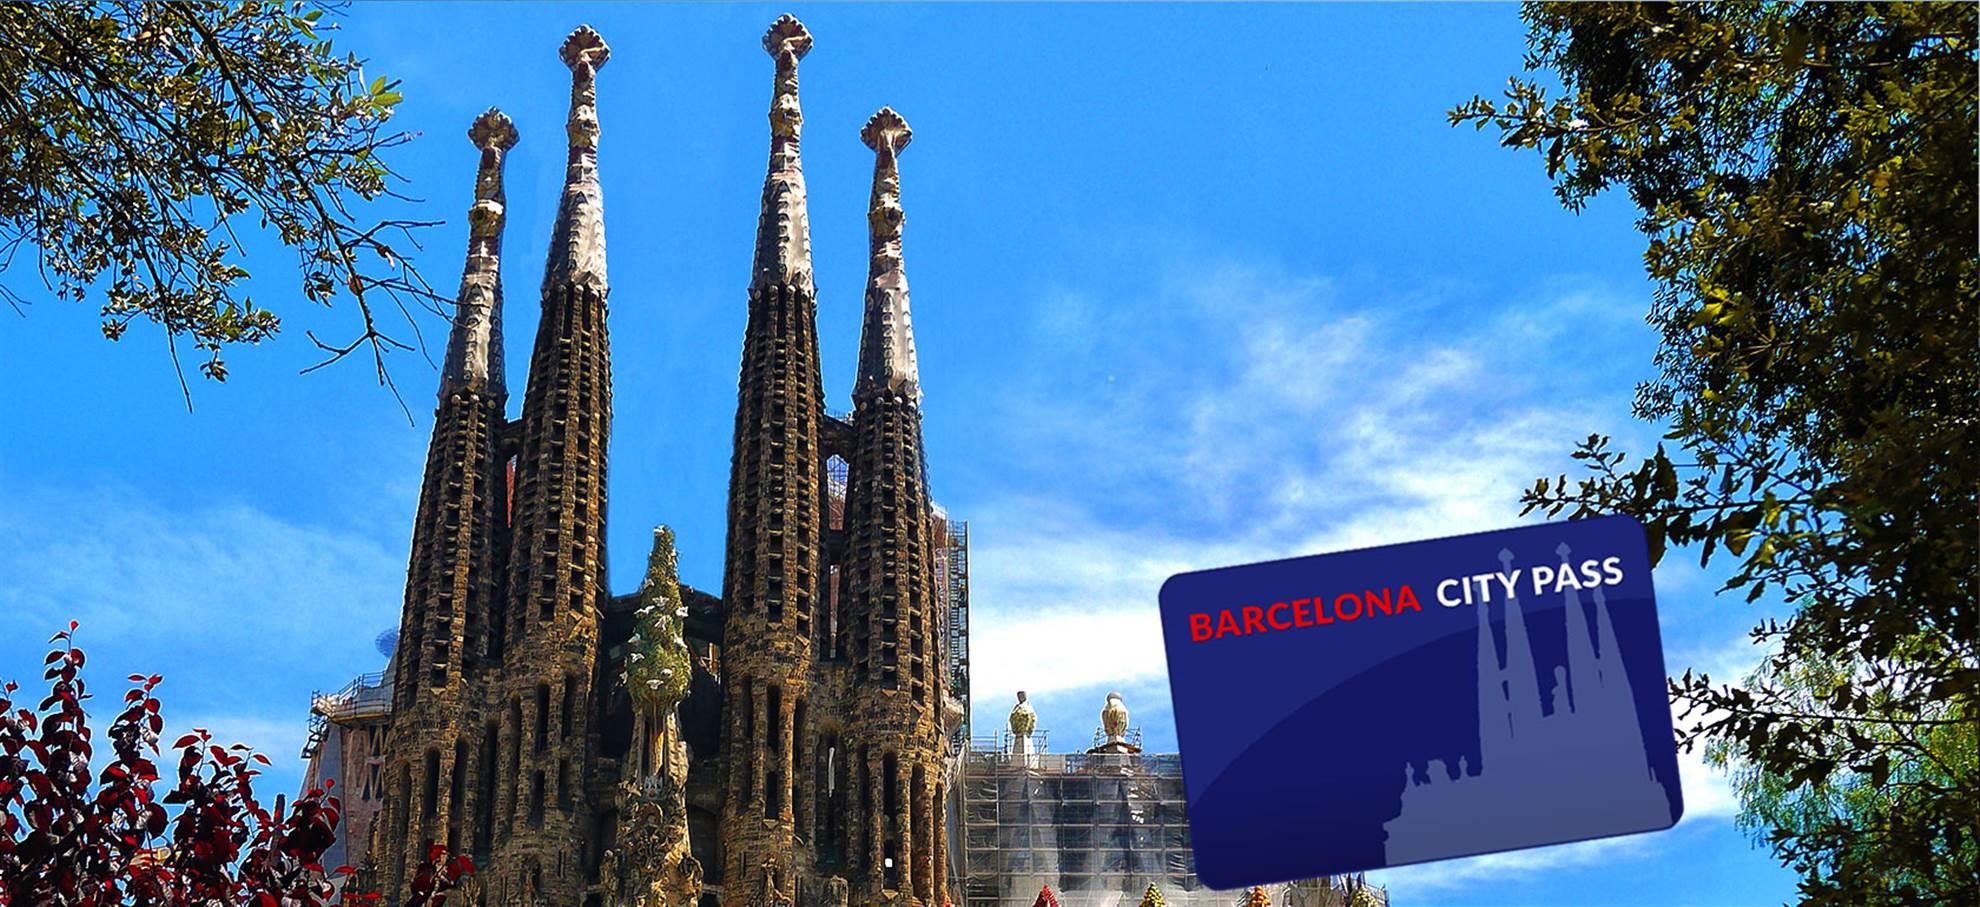 Passe da Cidade de Barcelona (Incl. Sagrada Familia + Parque güell)